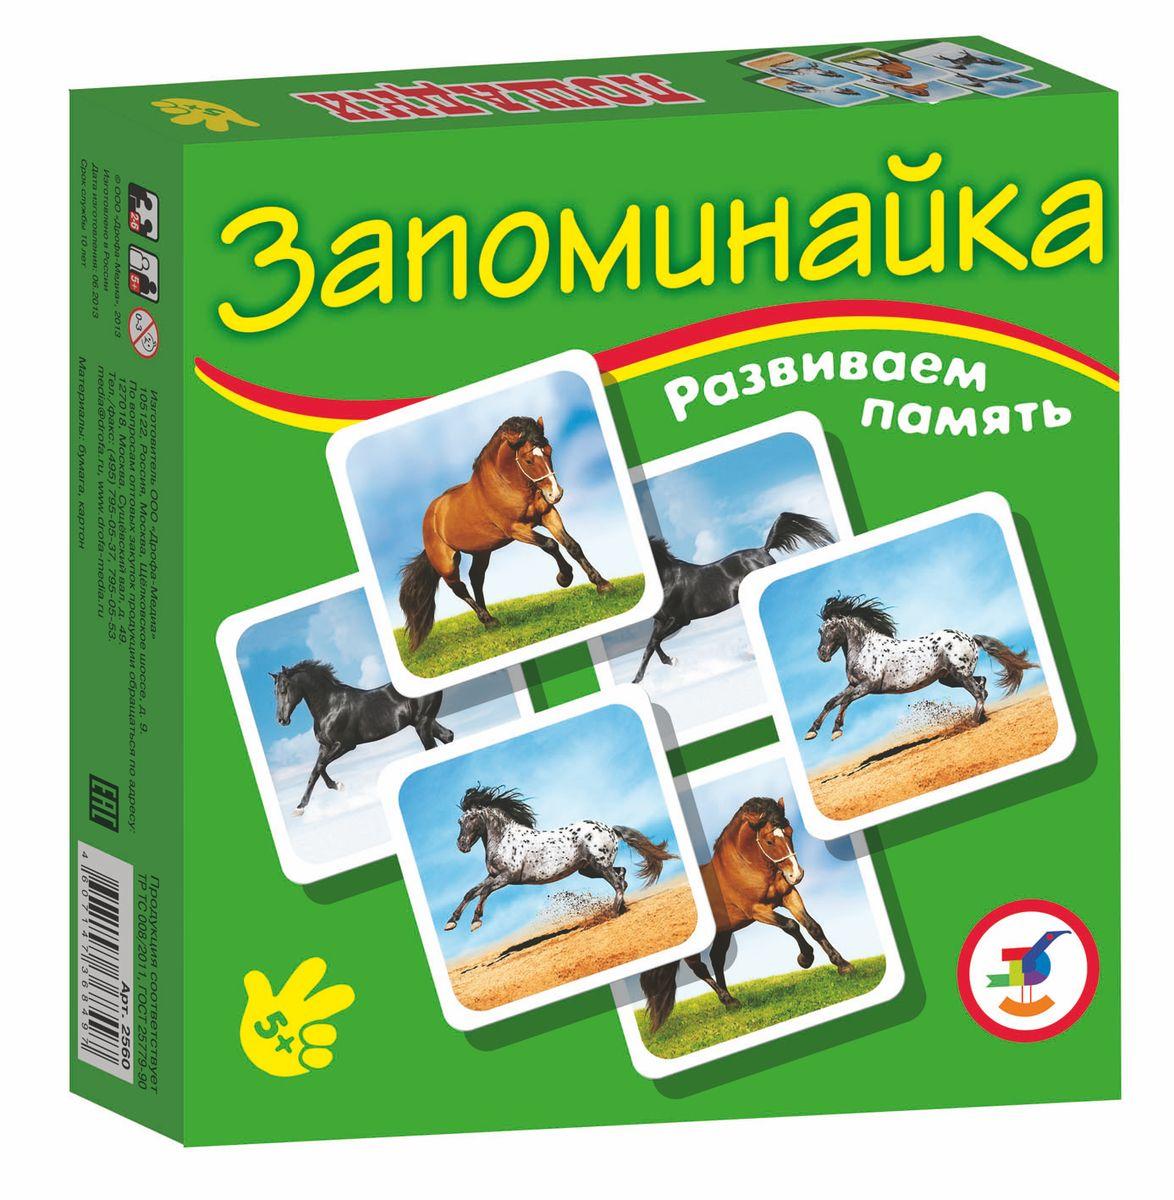 Дрофа-Медиа Обучающая игра Запоминайка Лошадки2560Обучающая игра Дрофа-Медиа Запоминайка. Лошадки - это набор красочных карточек для игр, направленных на развитие внимания и памяти. Принцип игры Запоминайка основан на известном и очень популярном в мире принципе игры Memory. Карточки раскладываются картинками вниз, а затем дети по очереди открывают по 2 картинки, стараясь запомнить расположение каждой и отыскать в следующий ход 2 парные карточки. Крупные карточки с понятными и красочными изображениями лошадей сделают игру особенно привлекательной для самых маленьких игроков.